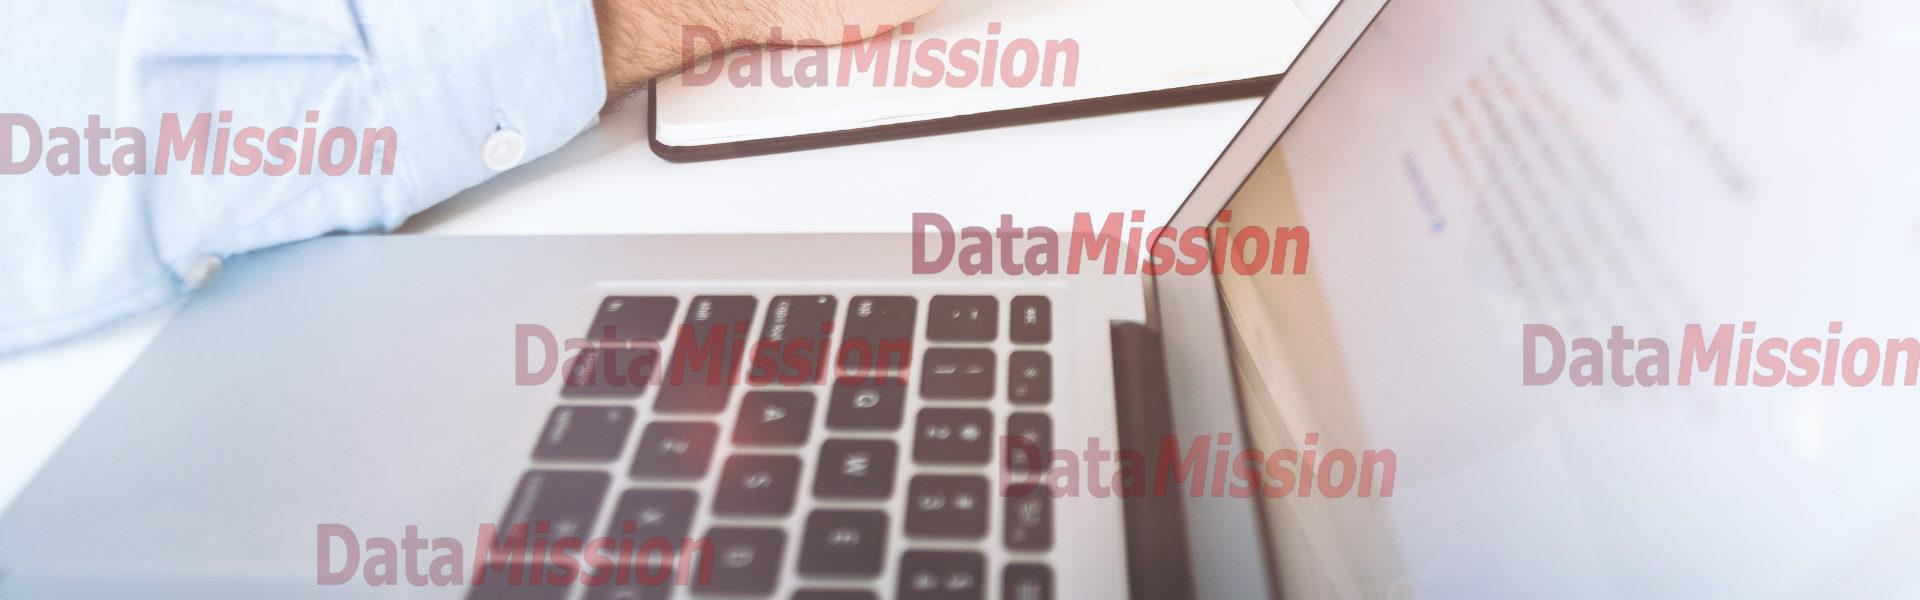 DataMission